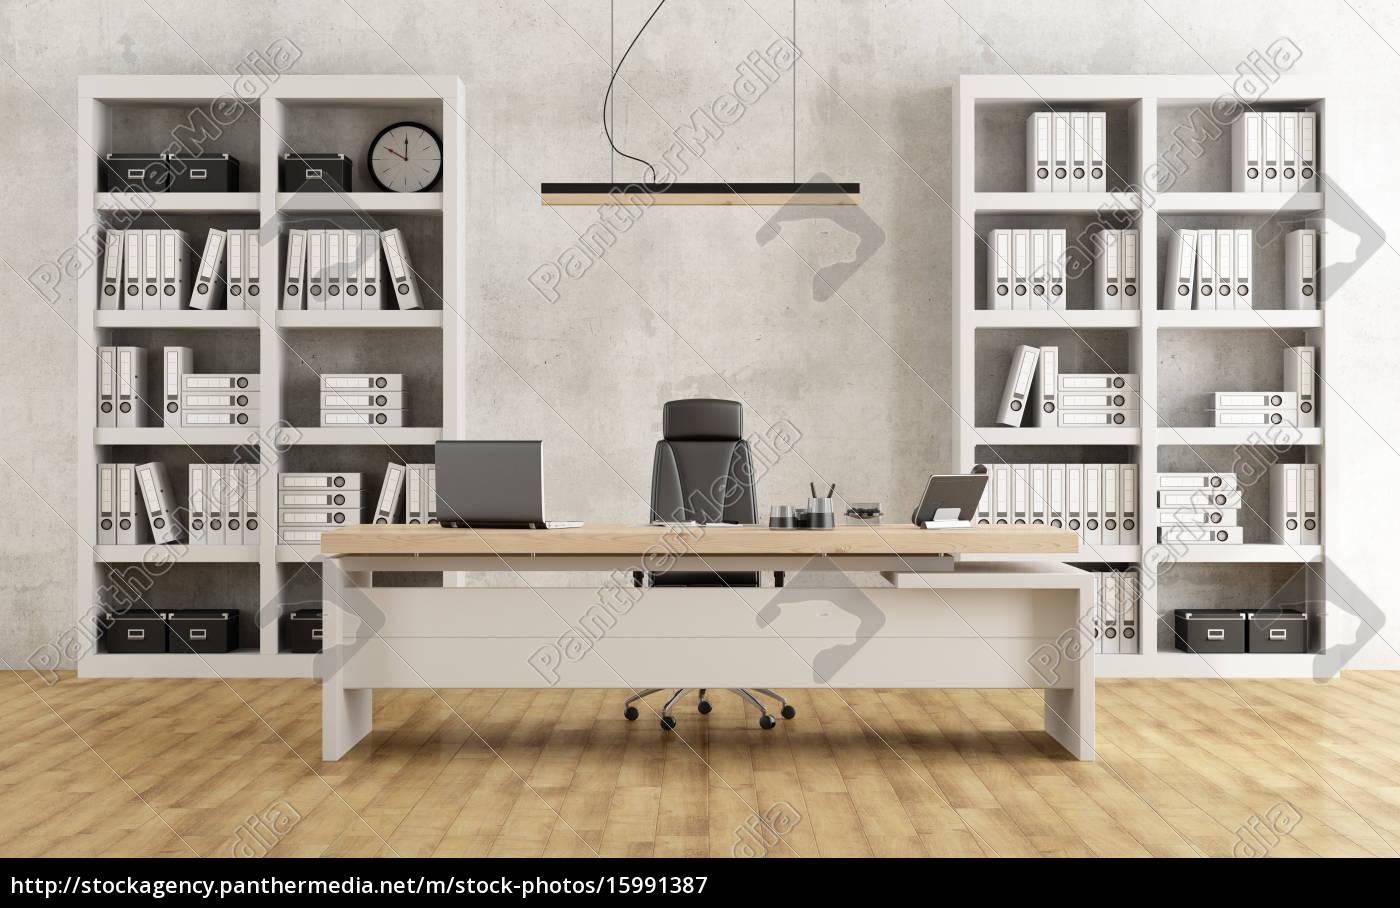 schwarz und weiß moderne büro - Lizenzfreies Bild - #15991387 ...